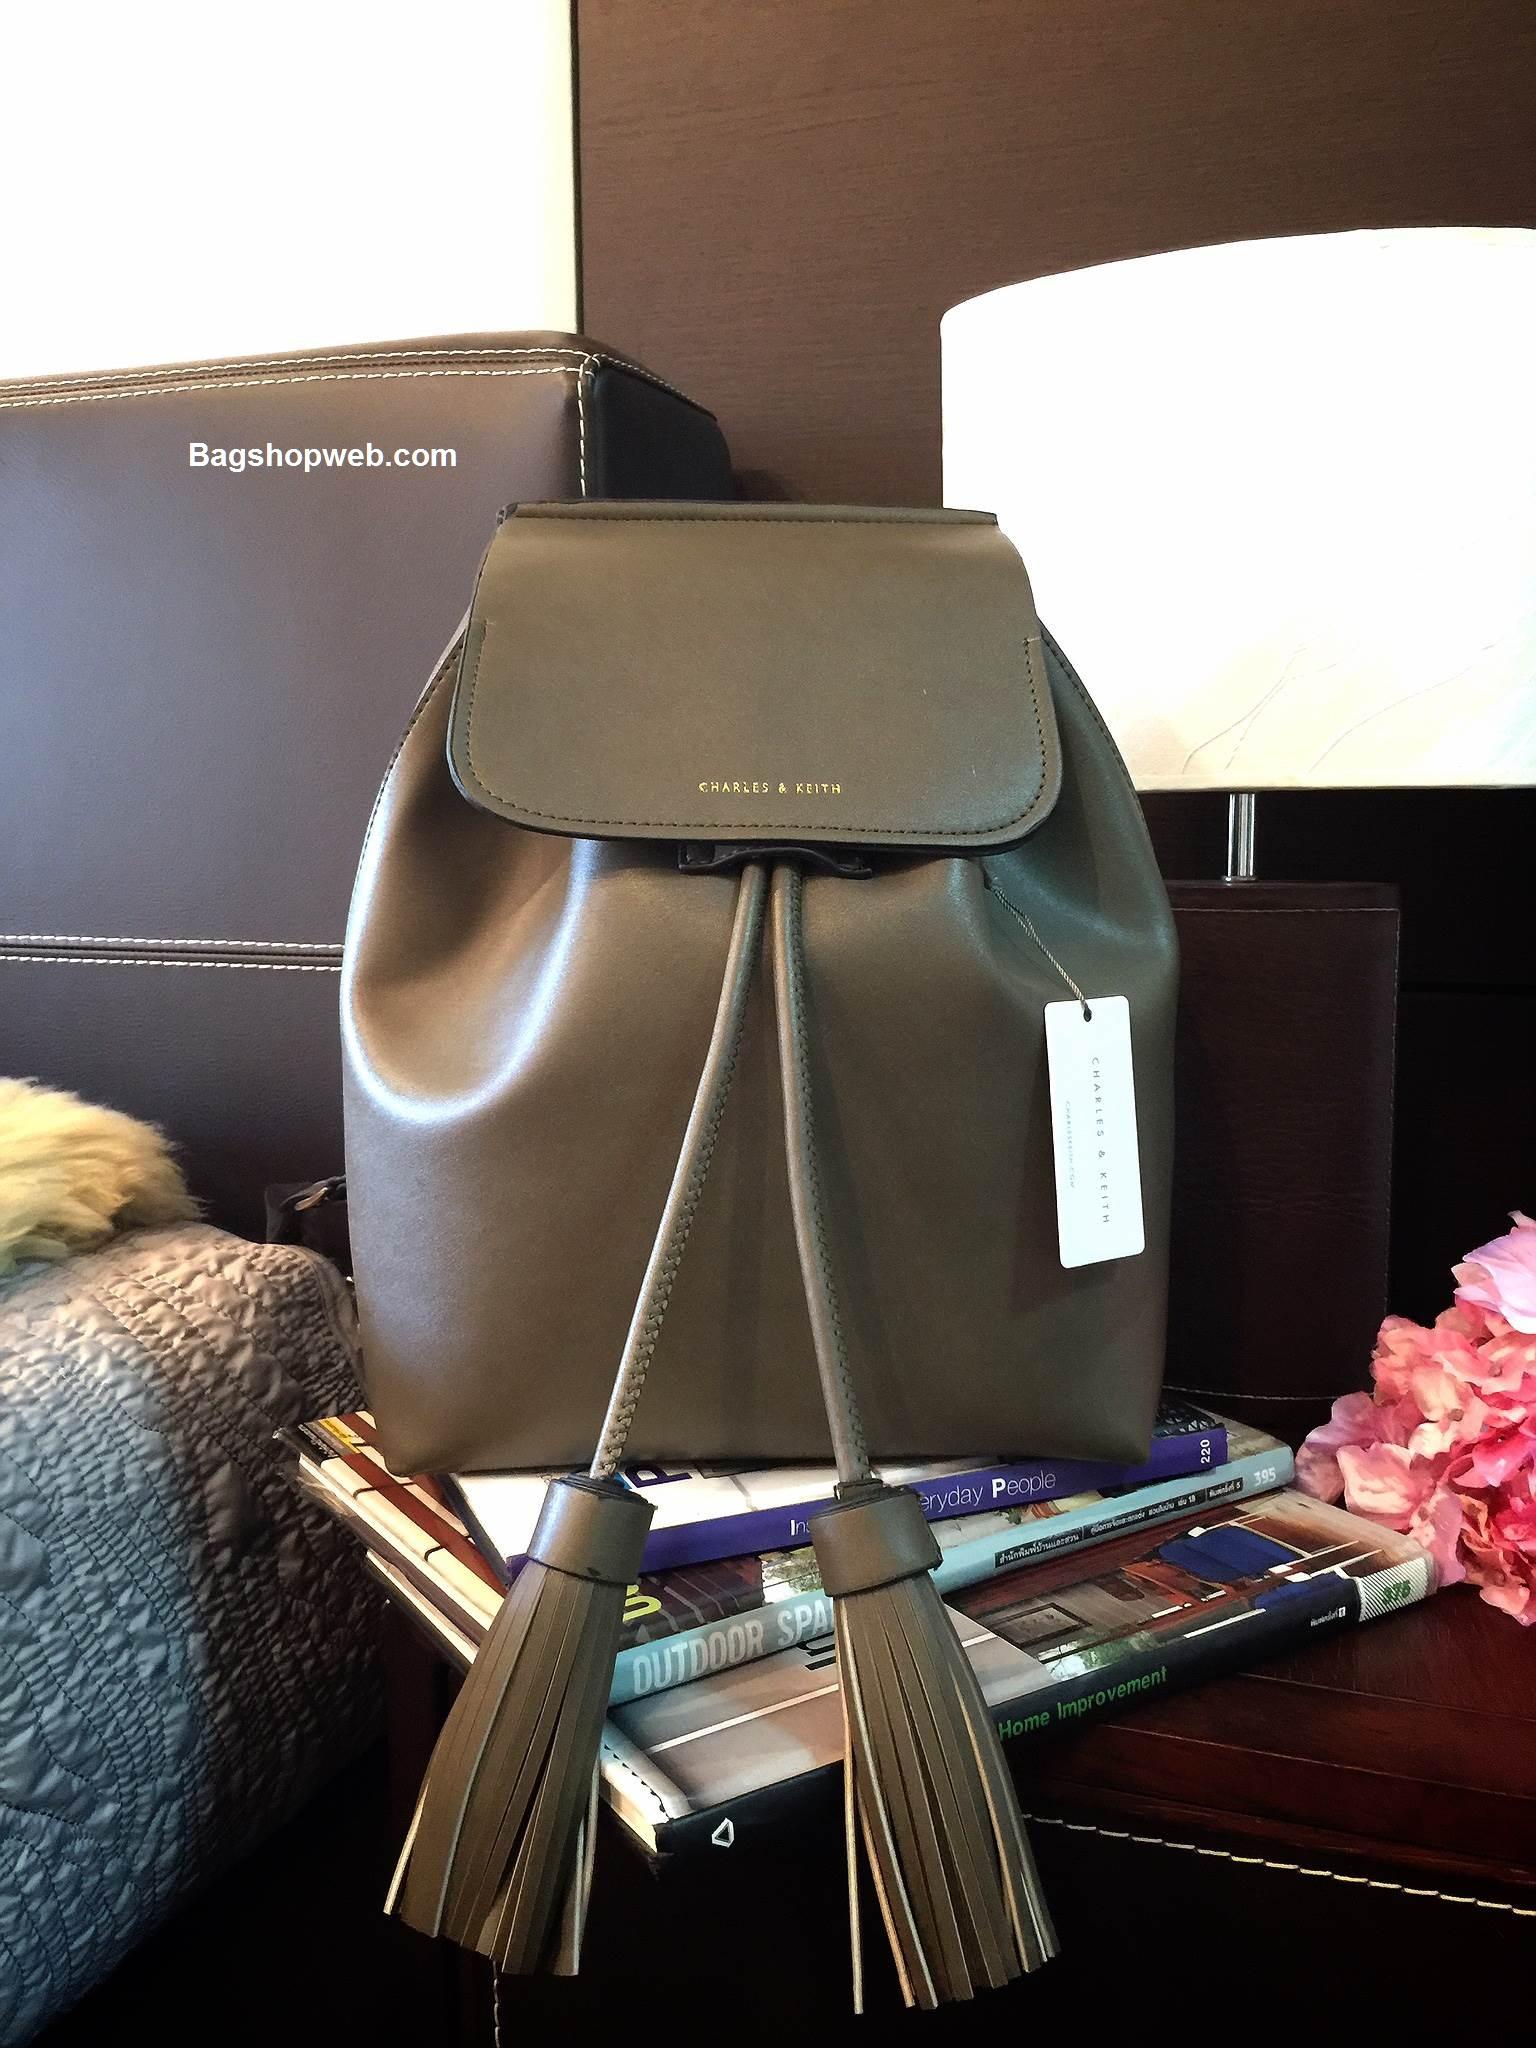 กระเป๋าเป้ CHARLES & KEITH DRAWSTRING BAGPACK สี Olive 1,590 บาท Ems Free